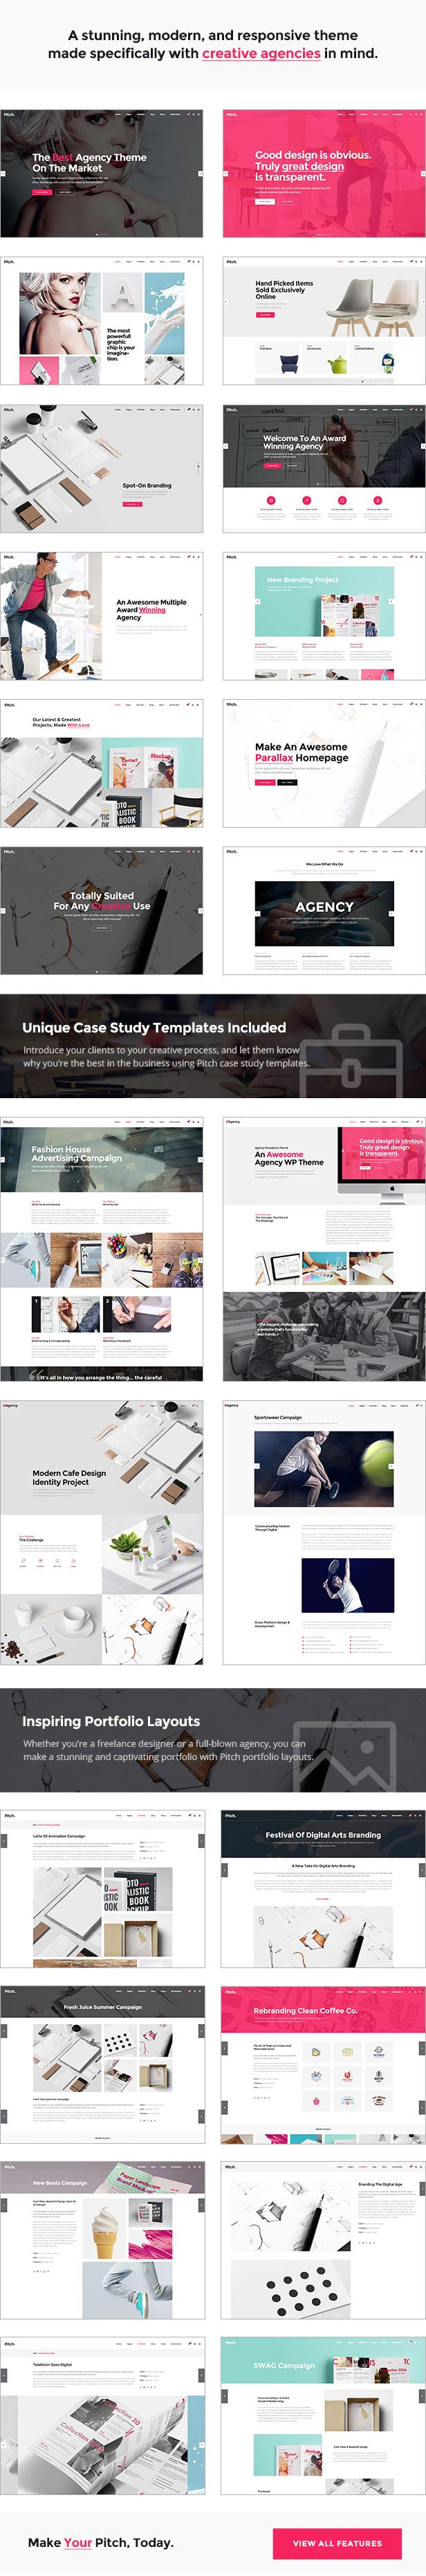 1605894104 289 01 - Pitch - Digital Agency & Freelancer Theme